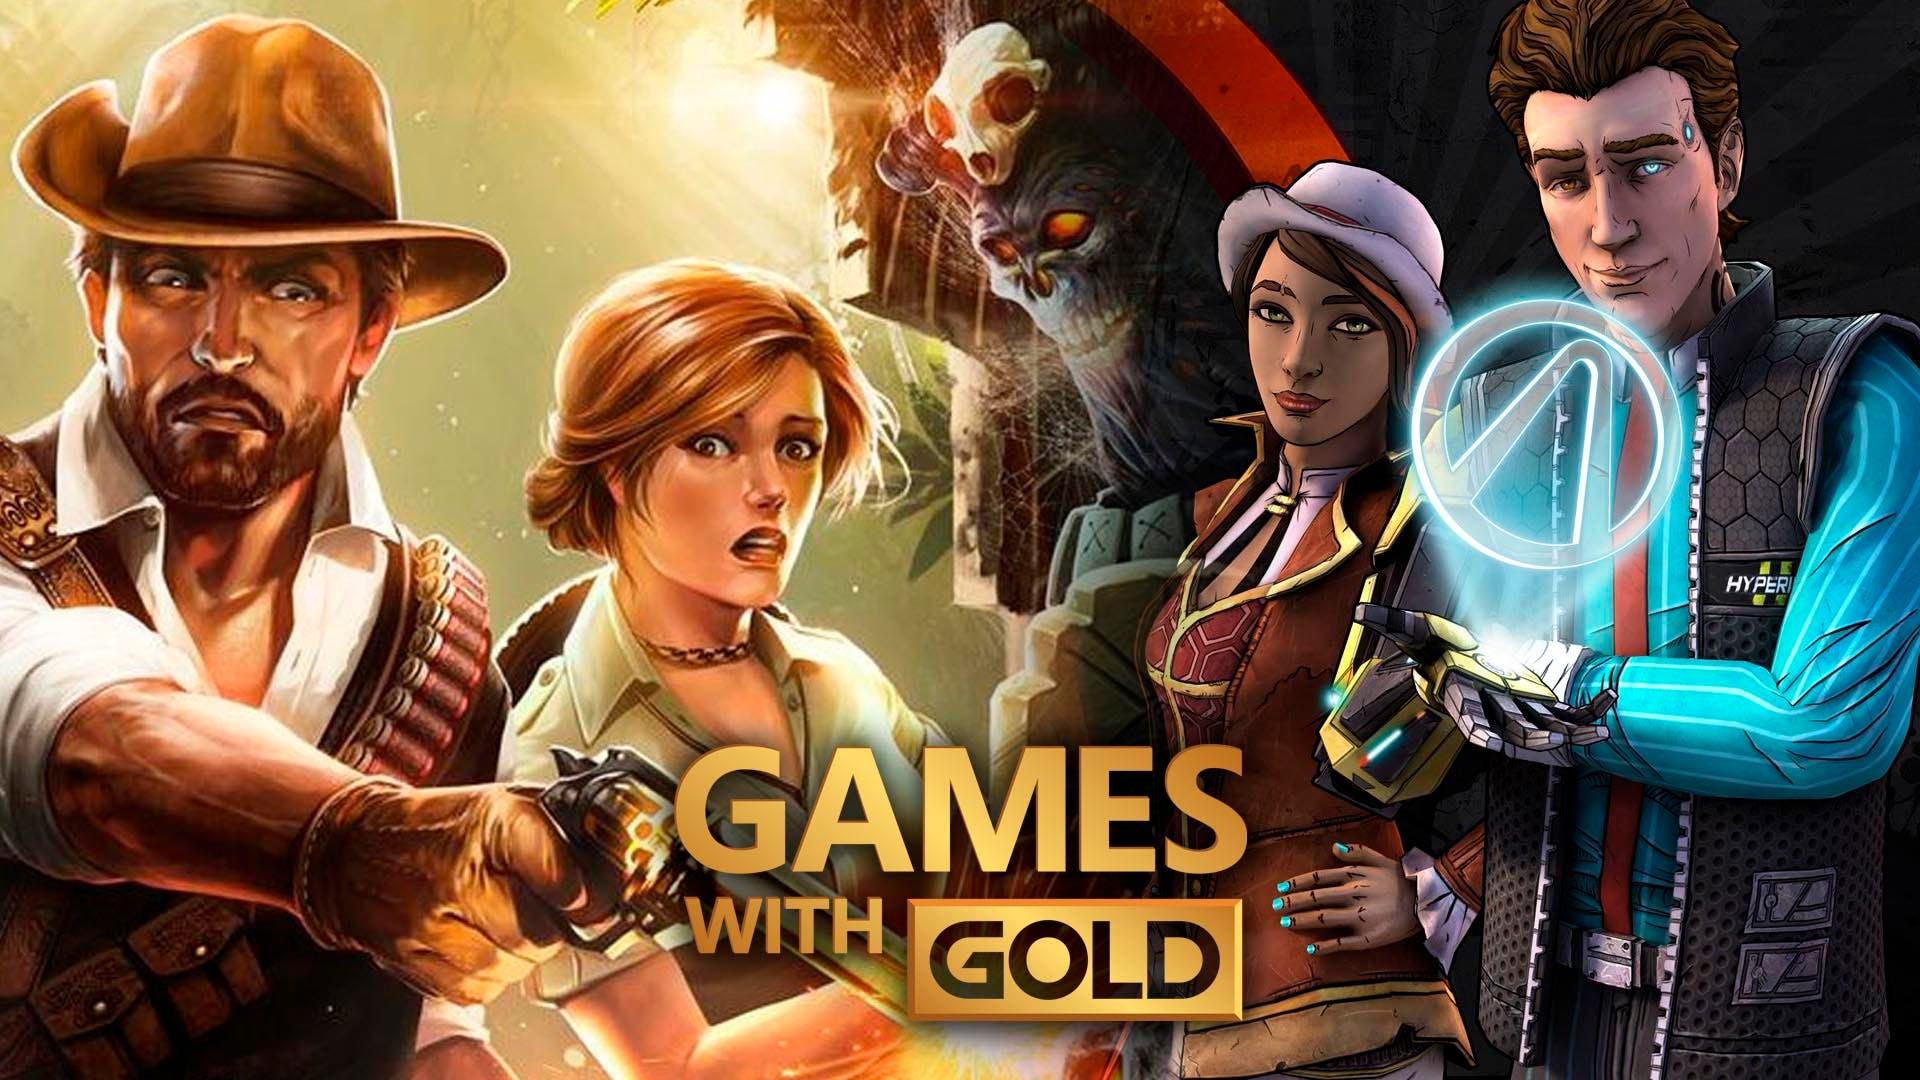 Xbox Live - Guía definitiva: Qué es, ofertas y donde comprarlo 8